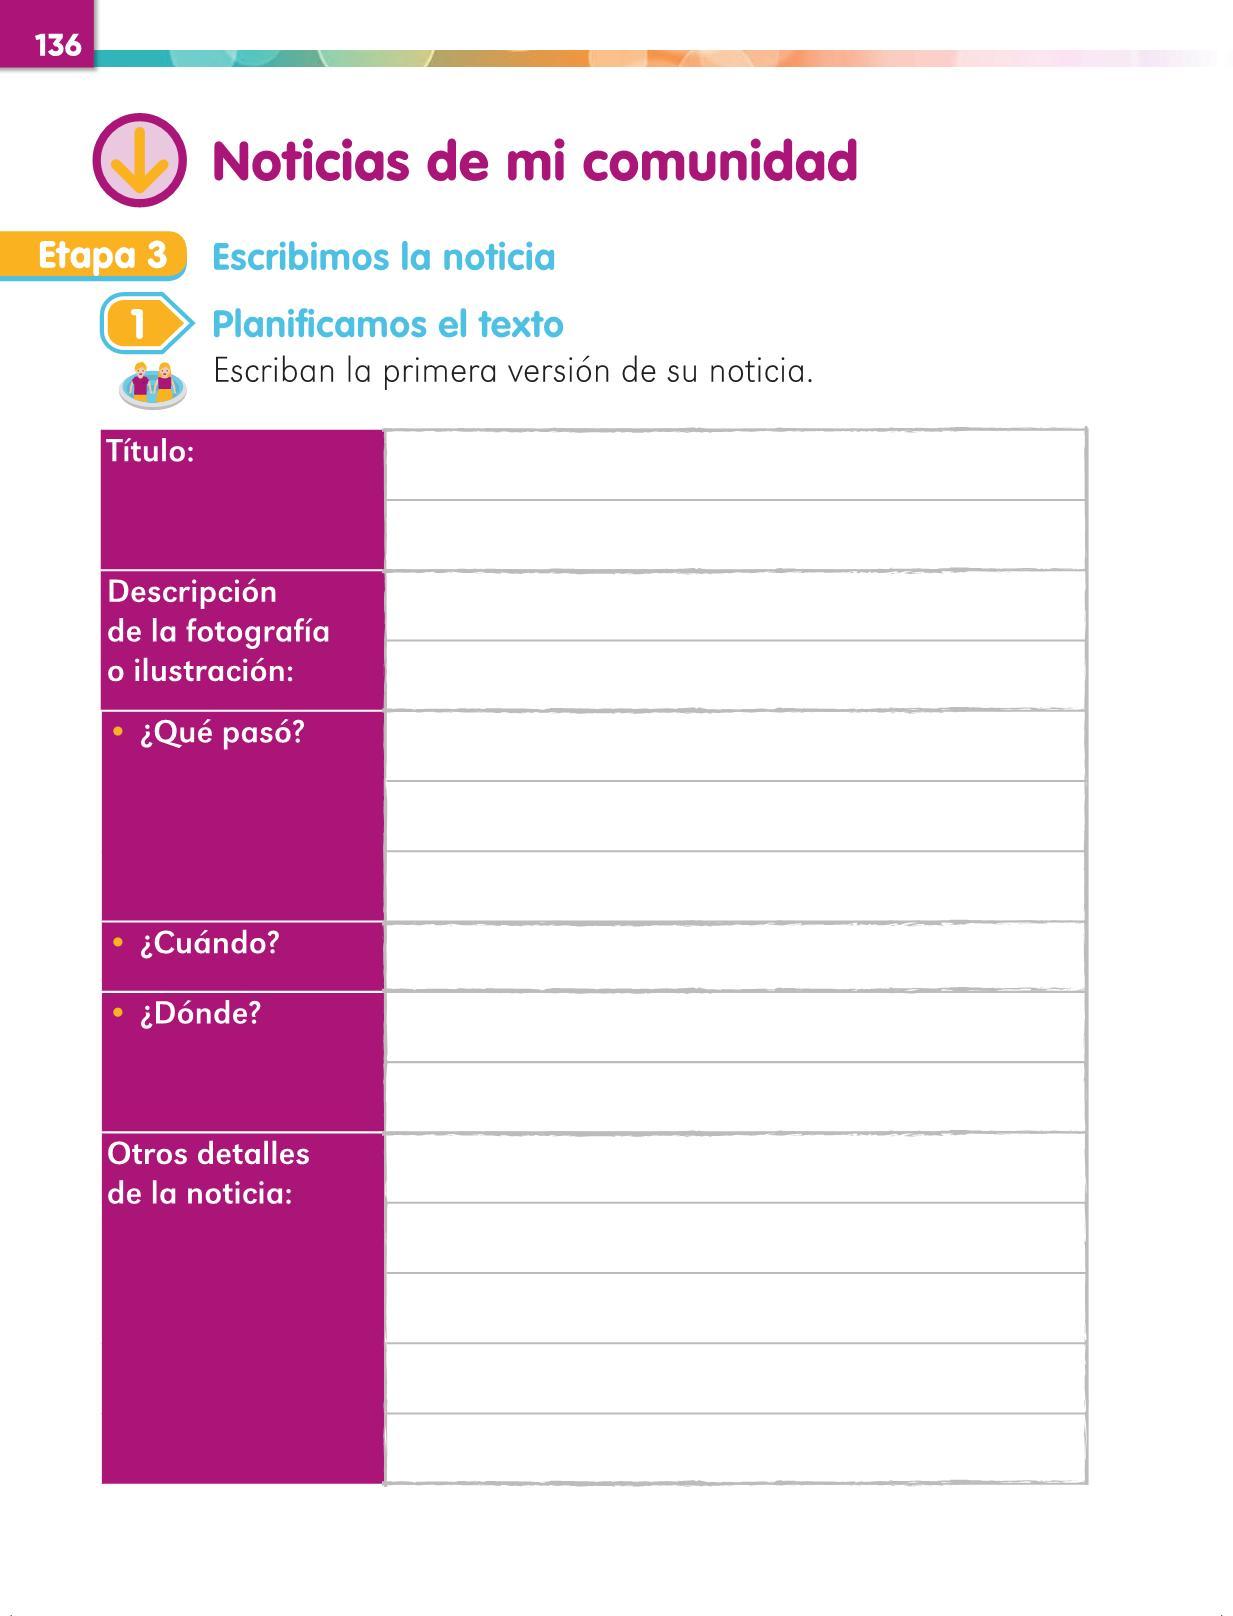 Lengua Materna Español Primer grado página 136